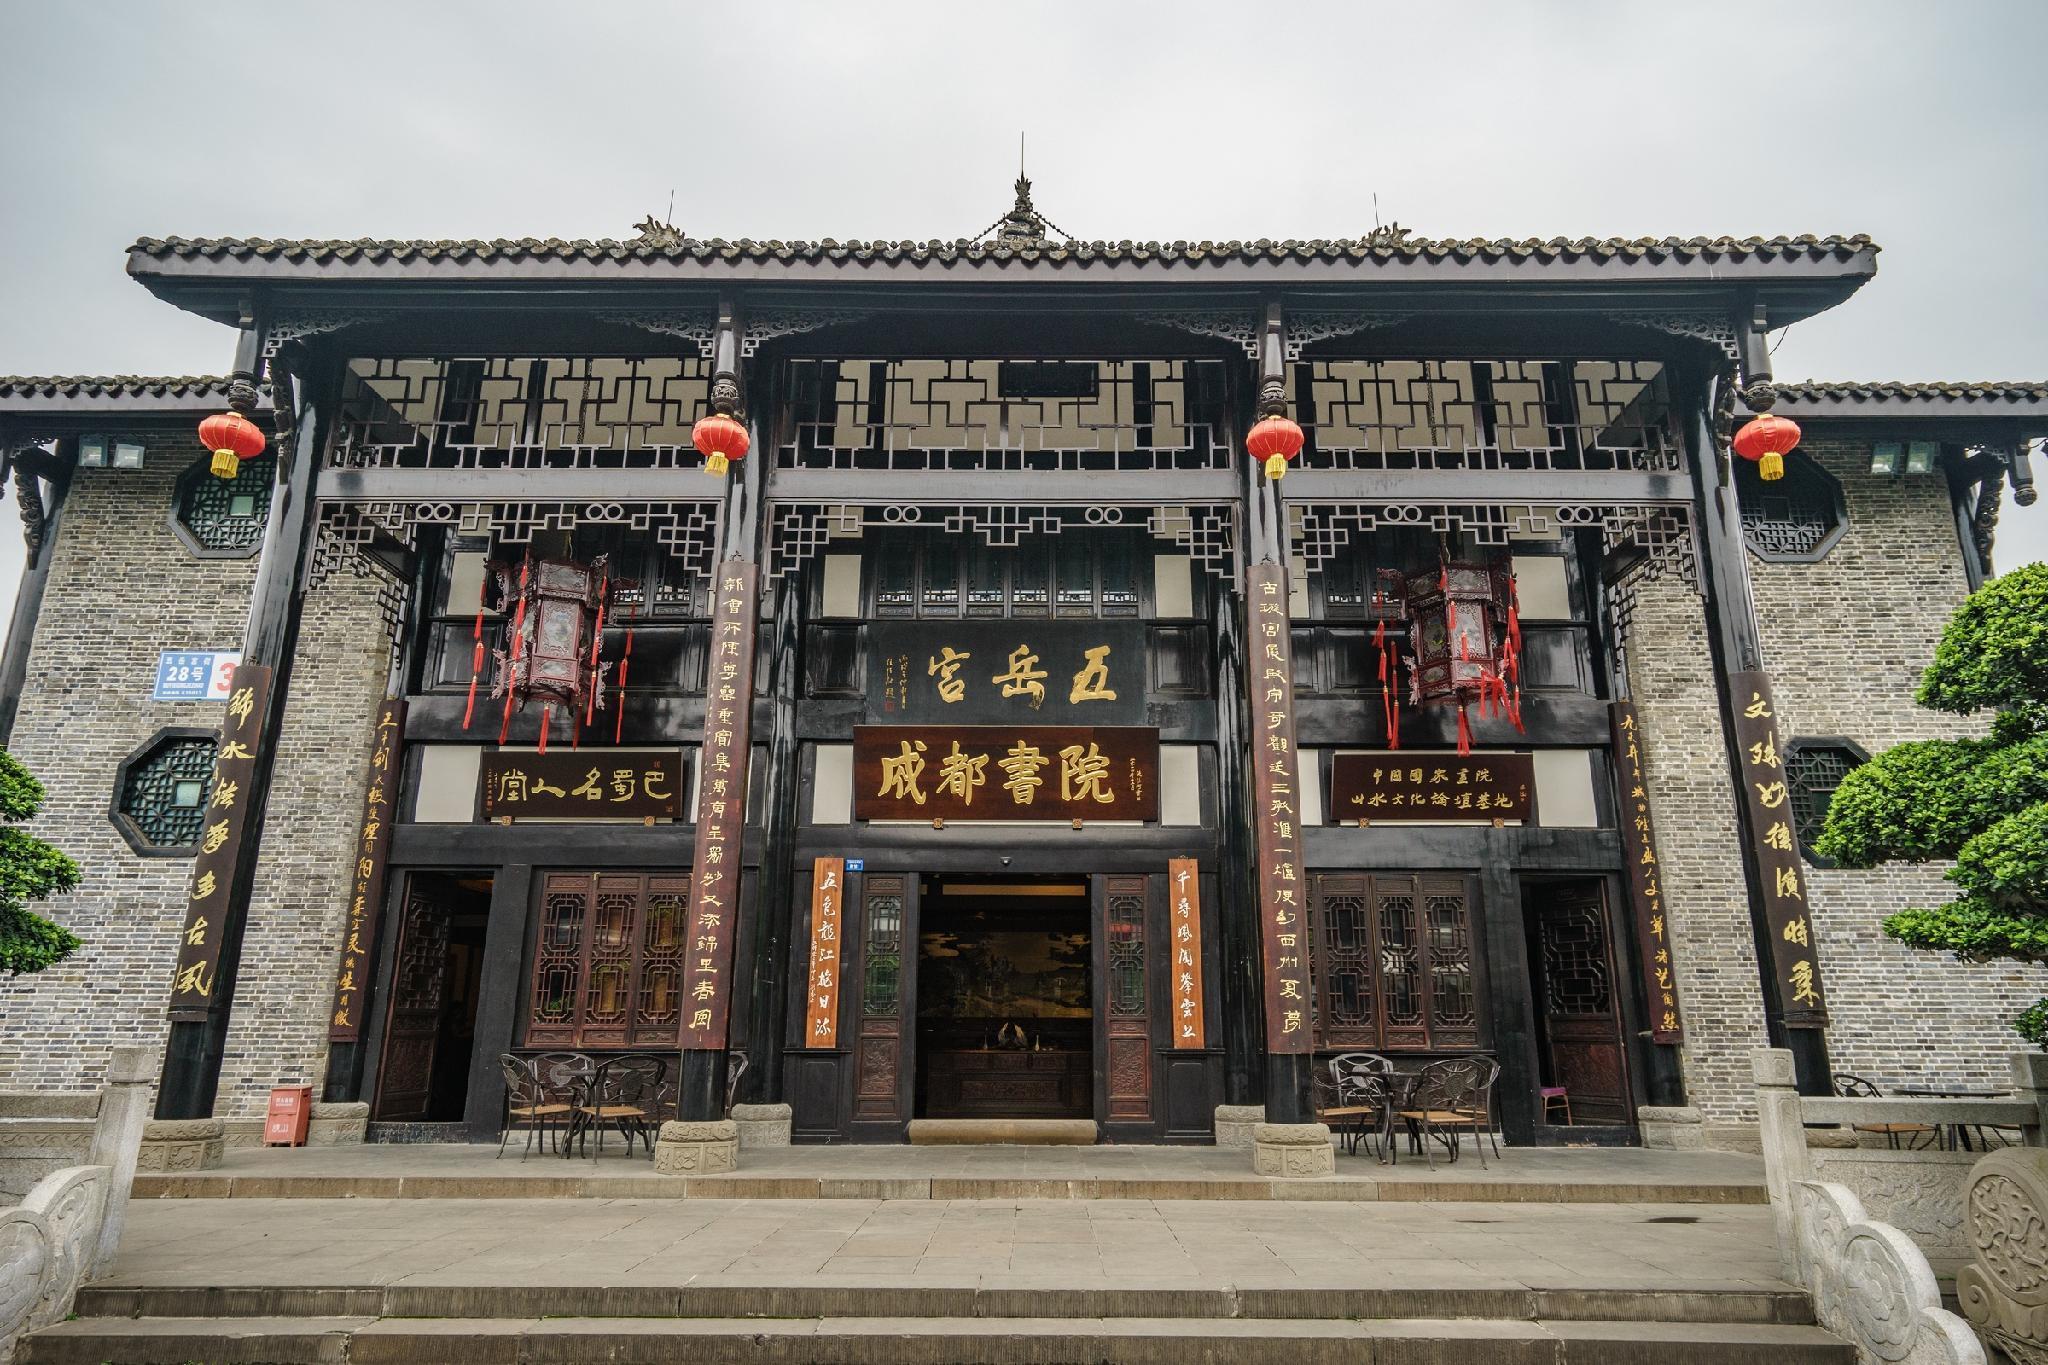 Super 8 Hotel Chengdu Wen Shu Fang Subway Station, Chengdu